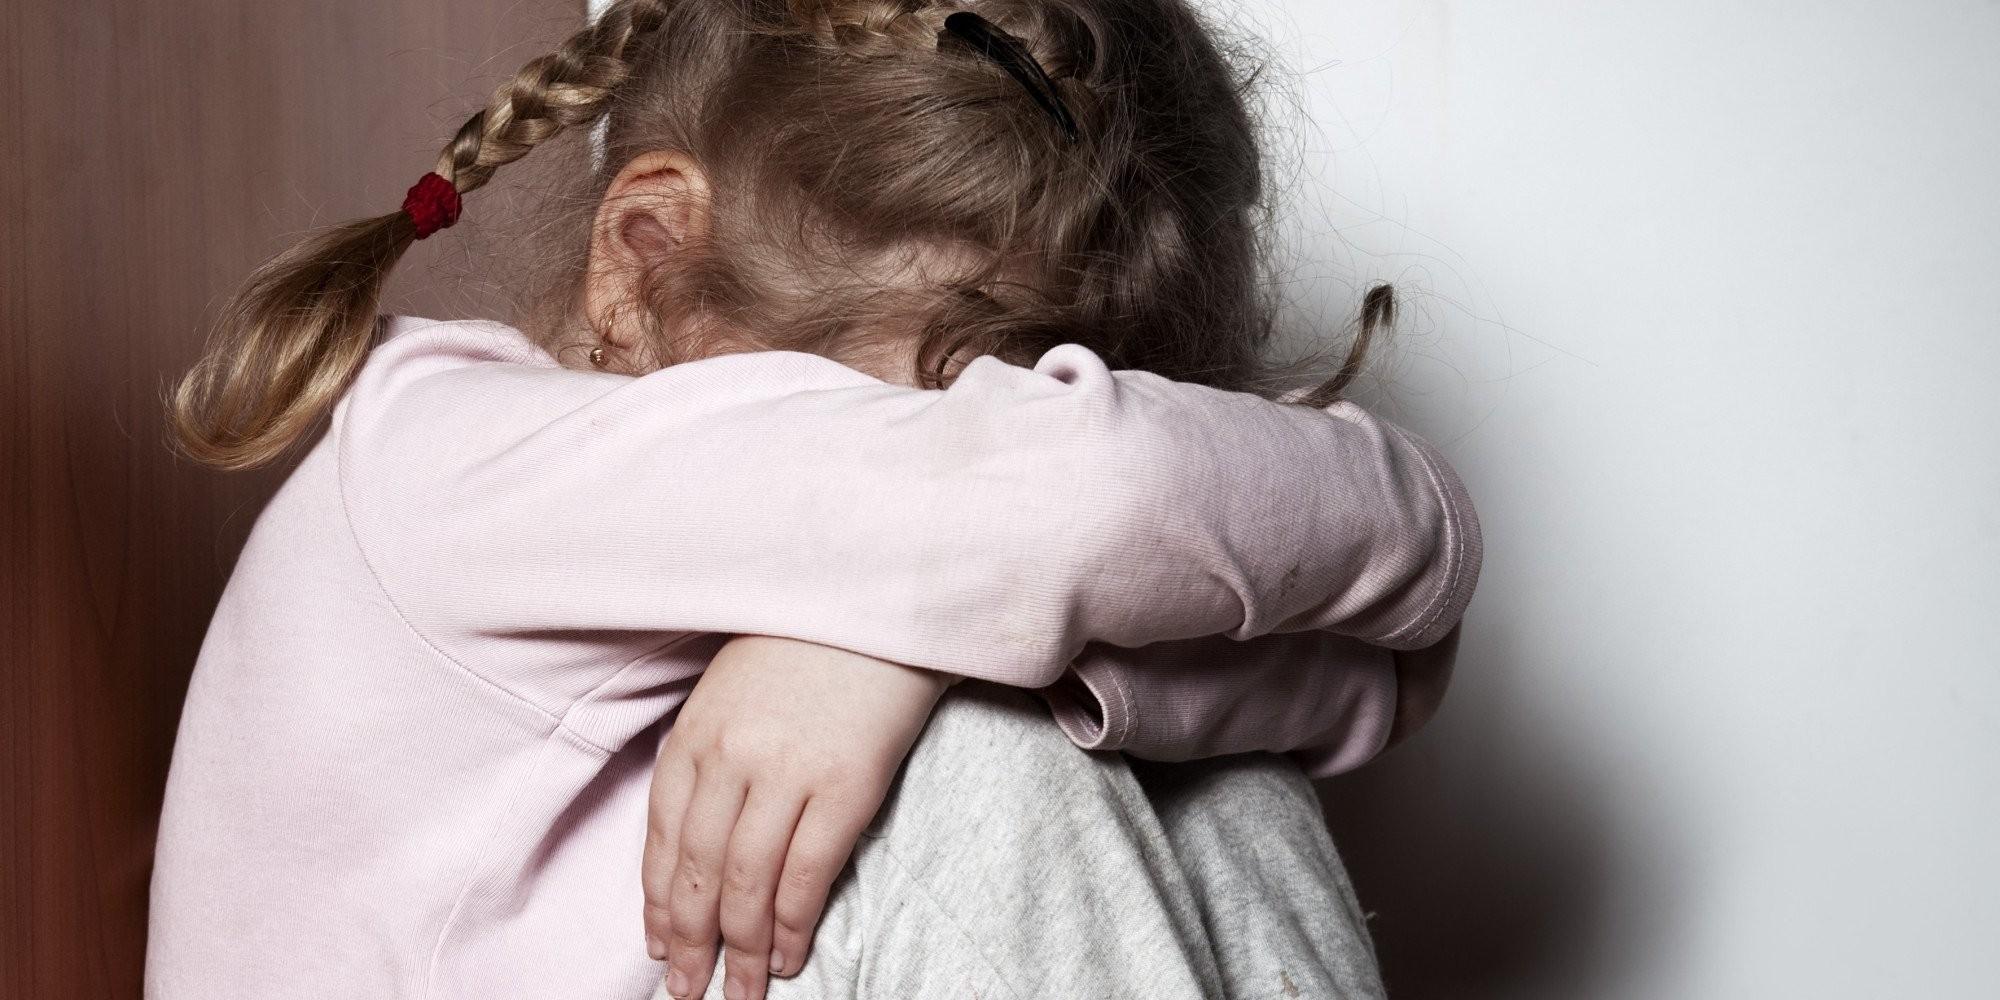 Кошмарная смерть юного рабочего настройке ЗСД наВасильевском острове вПетербурге